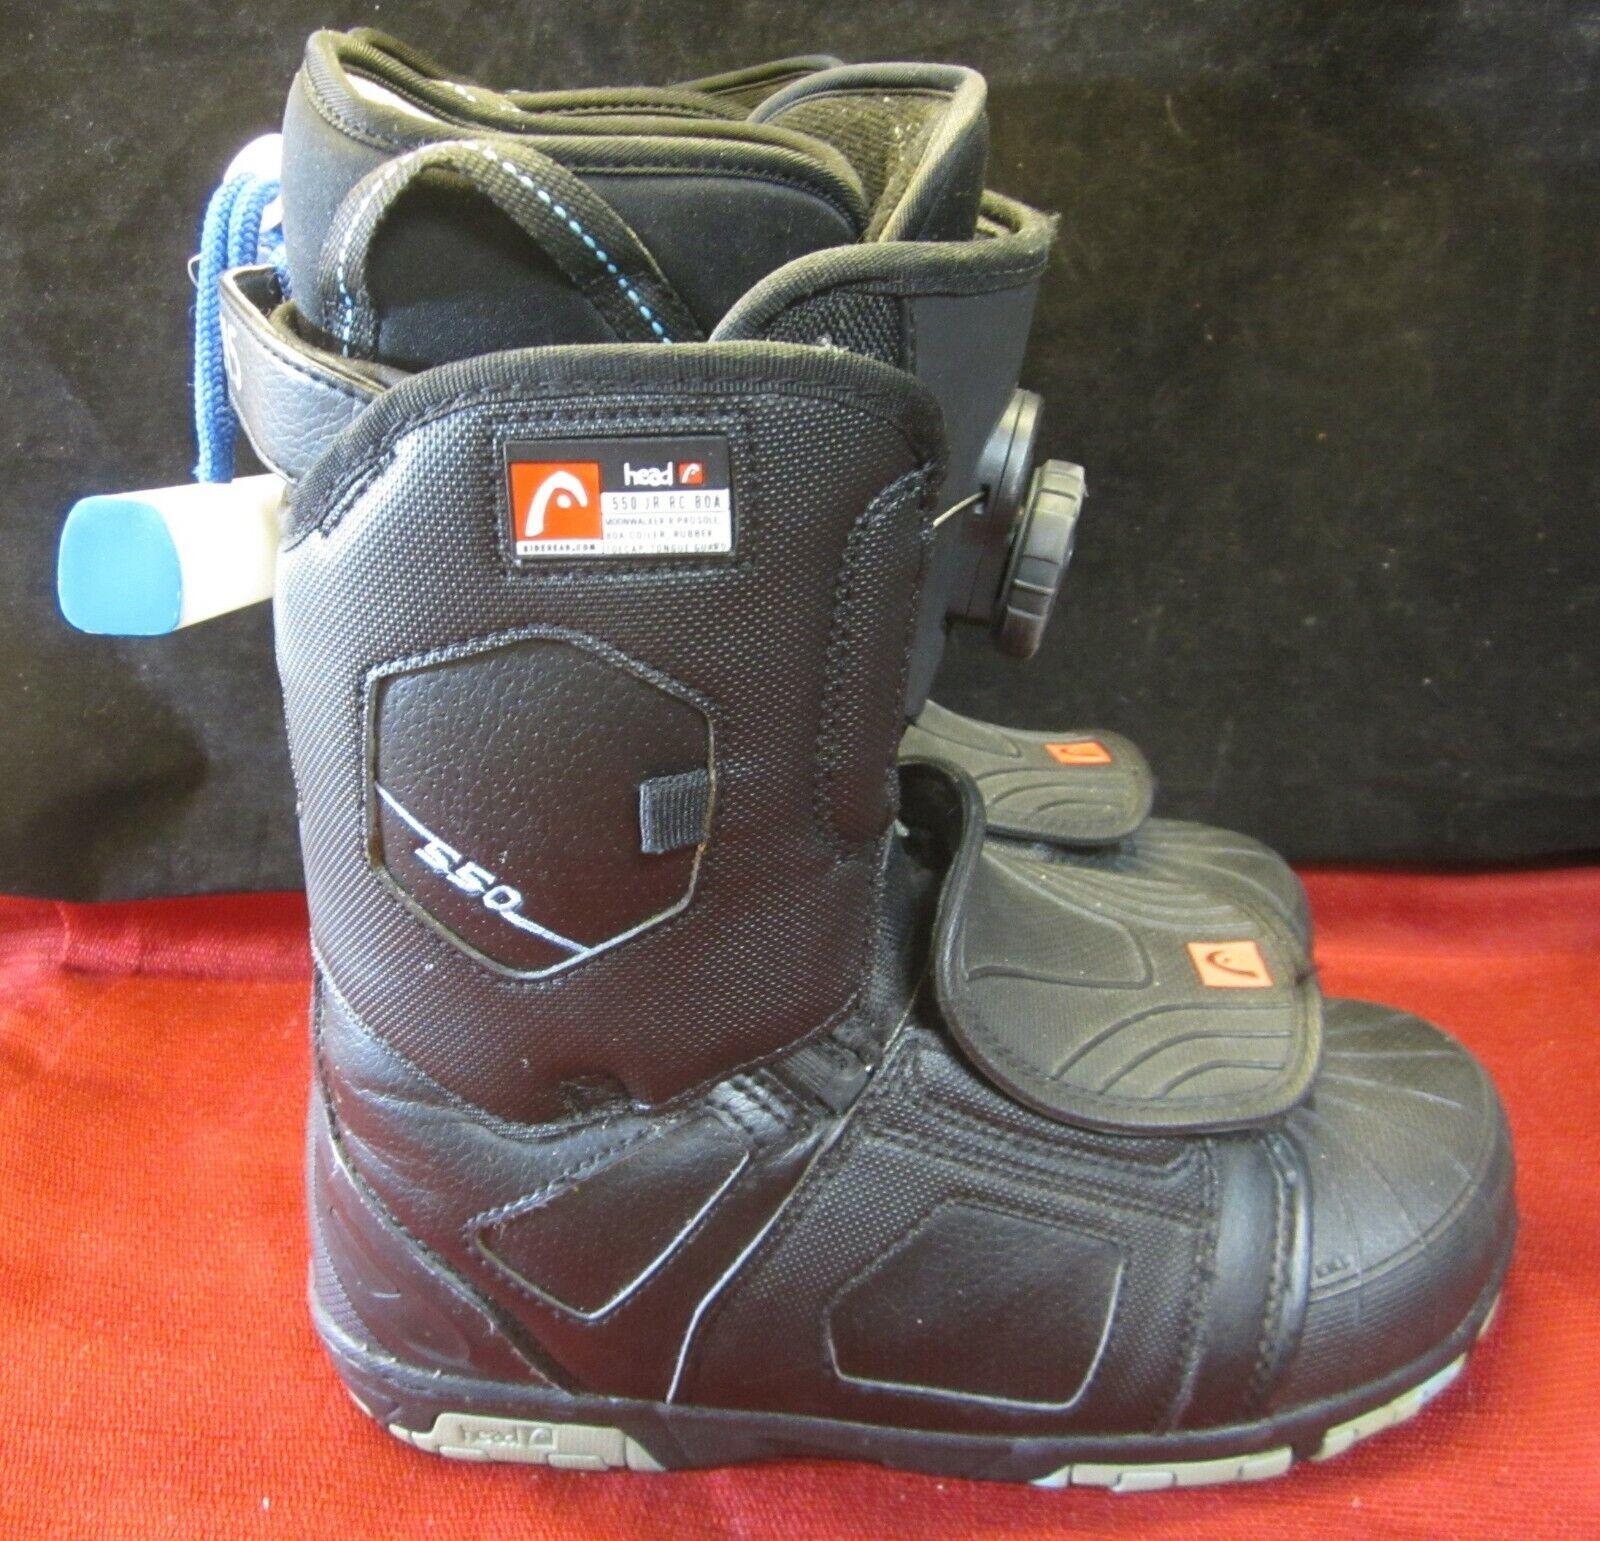 Head Moonwalker 550 JR RC Ski laarzen afmeting 24.5 --6.5 --7.5 --zwart ^ netwerk VGC